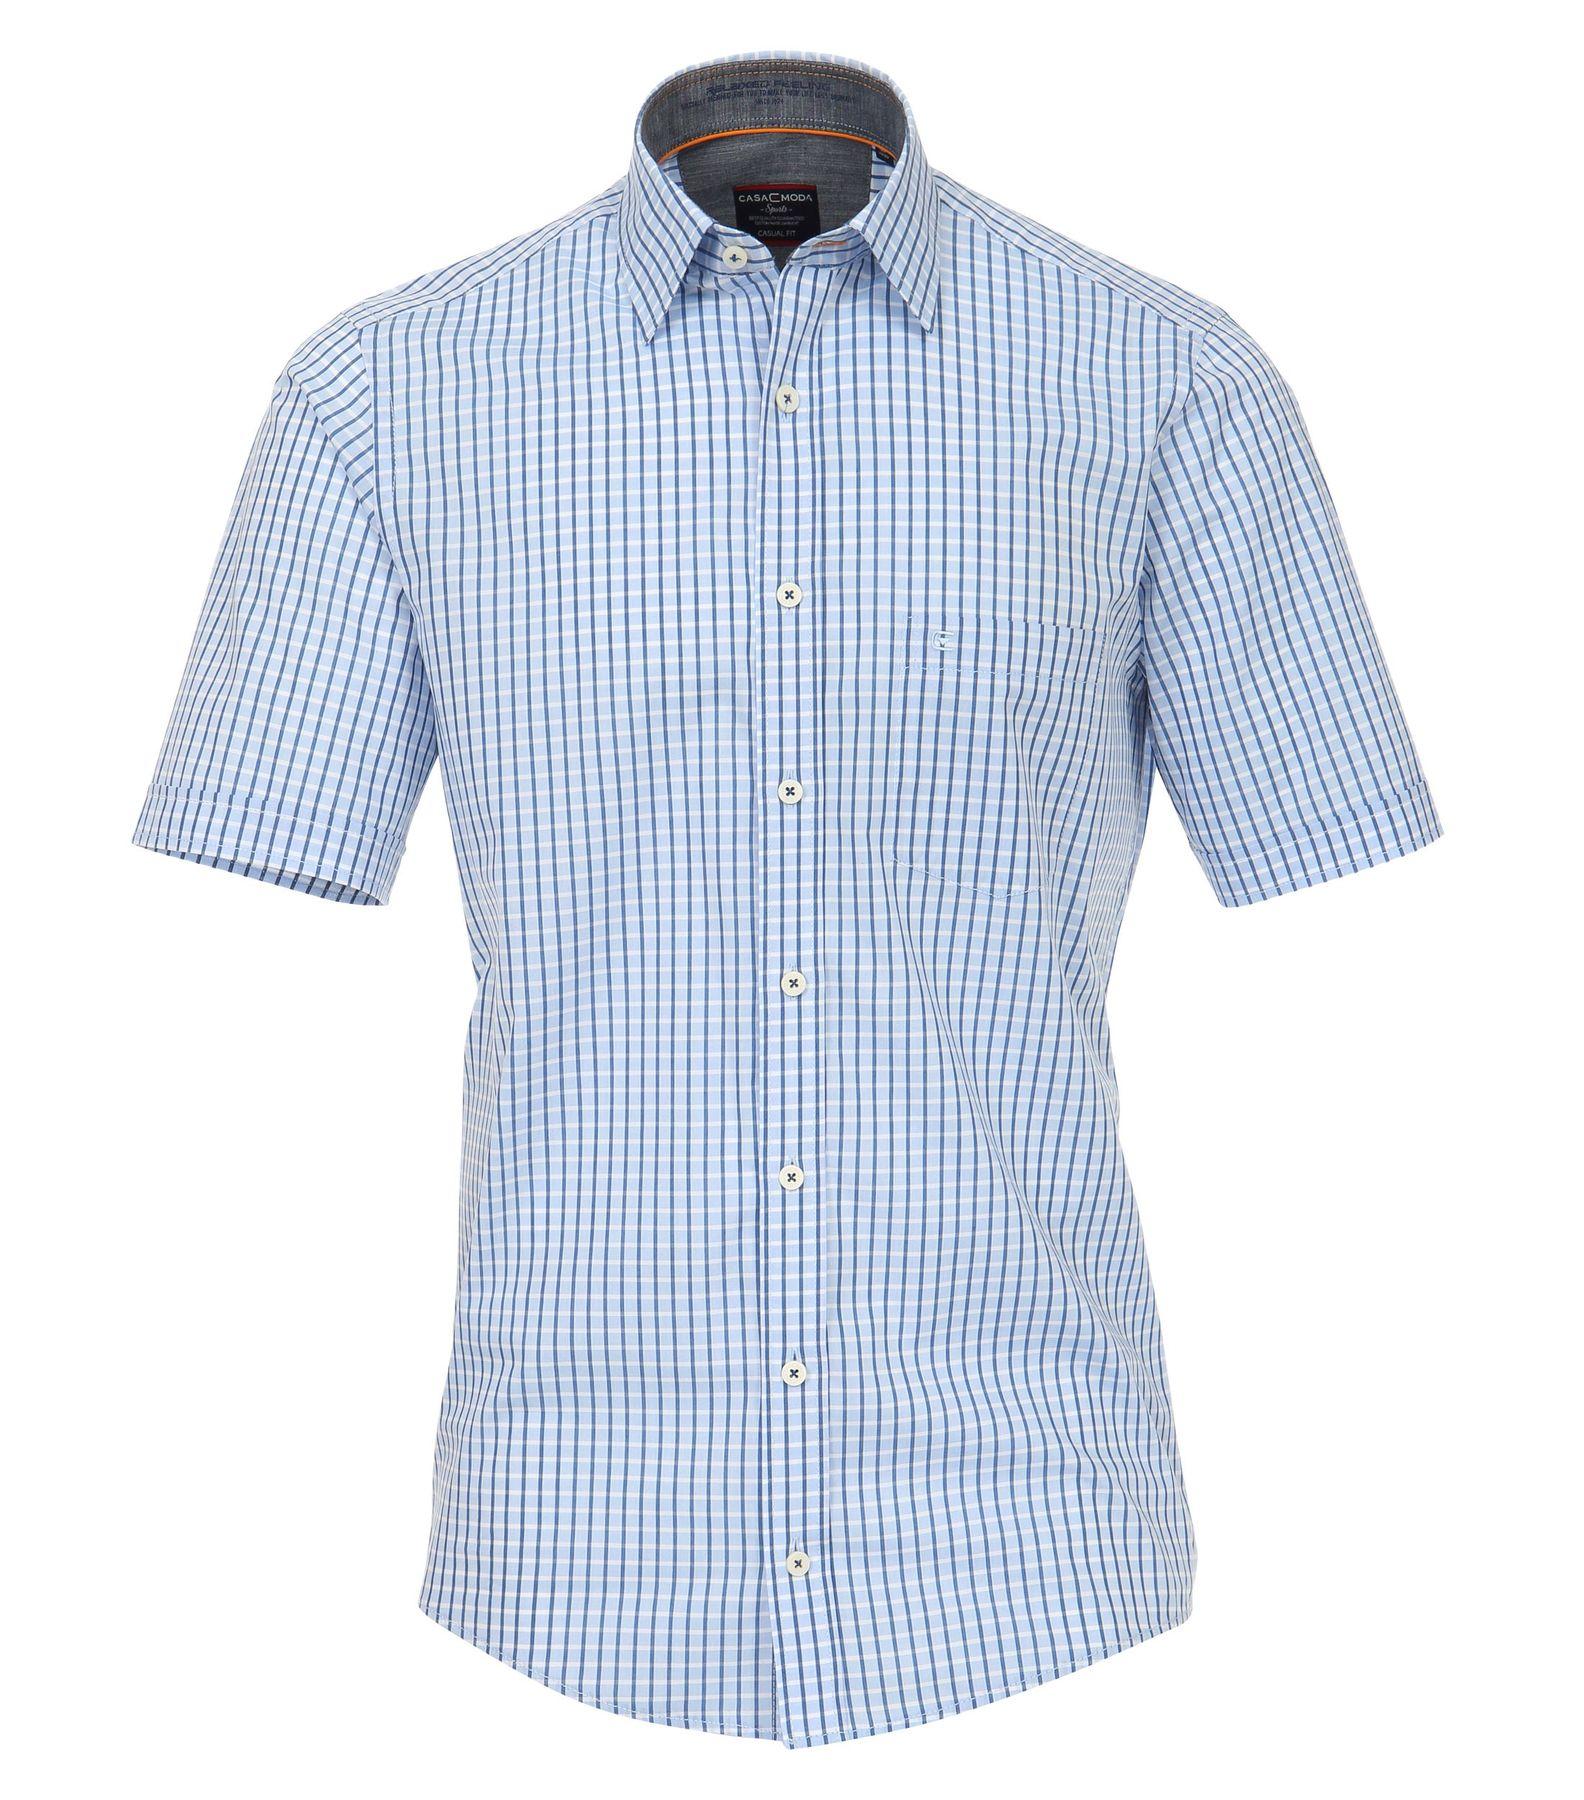 Casa Moda - Casual Fit - Herren Freizeit 1/2-Arm-Hemd mit Kent-Kragen in blau (982903500)